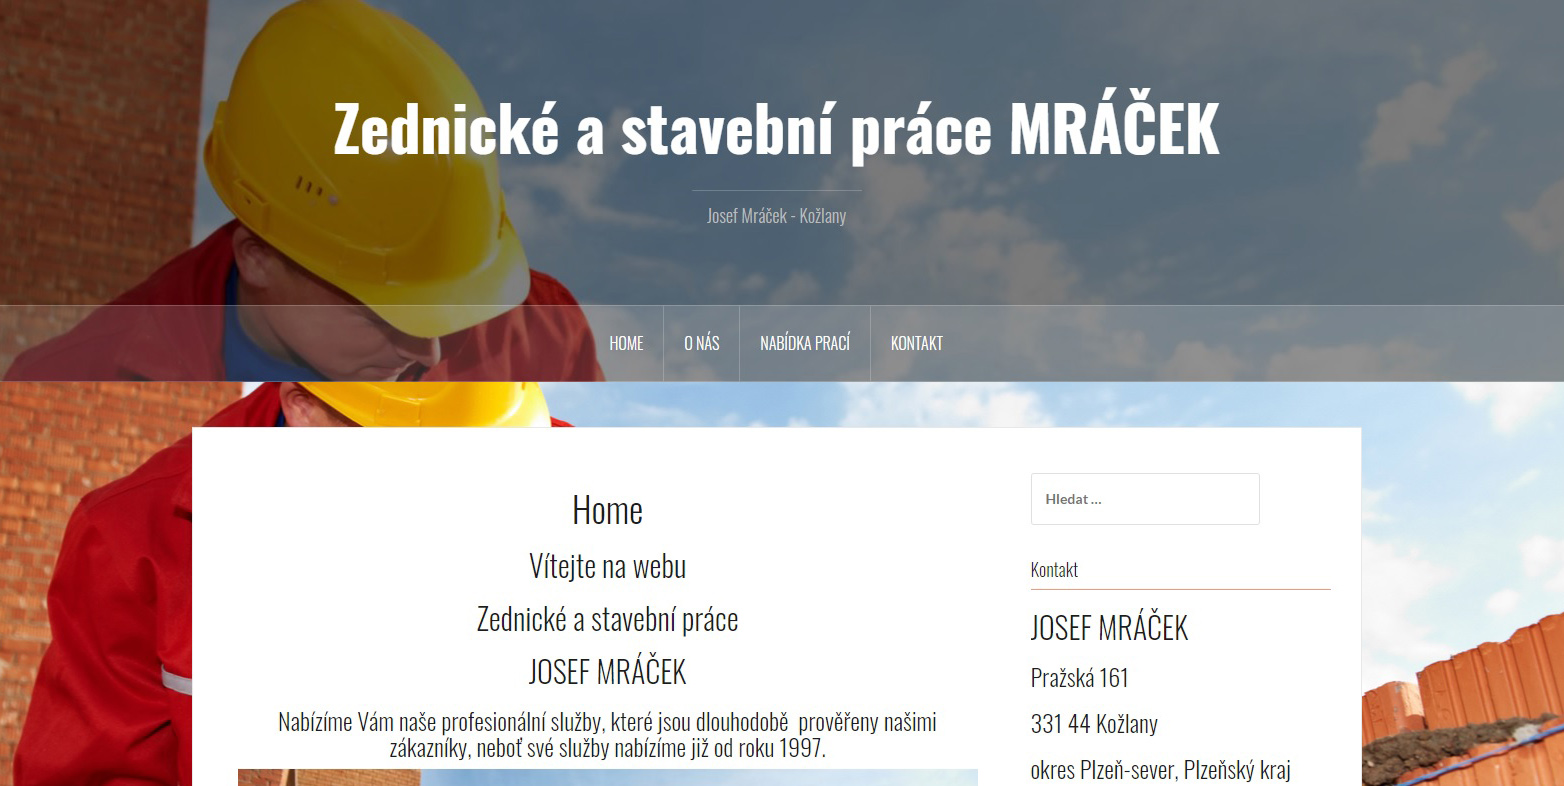 uzlhrak.png